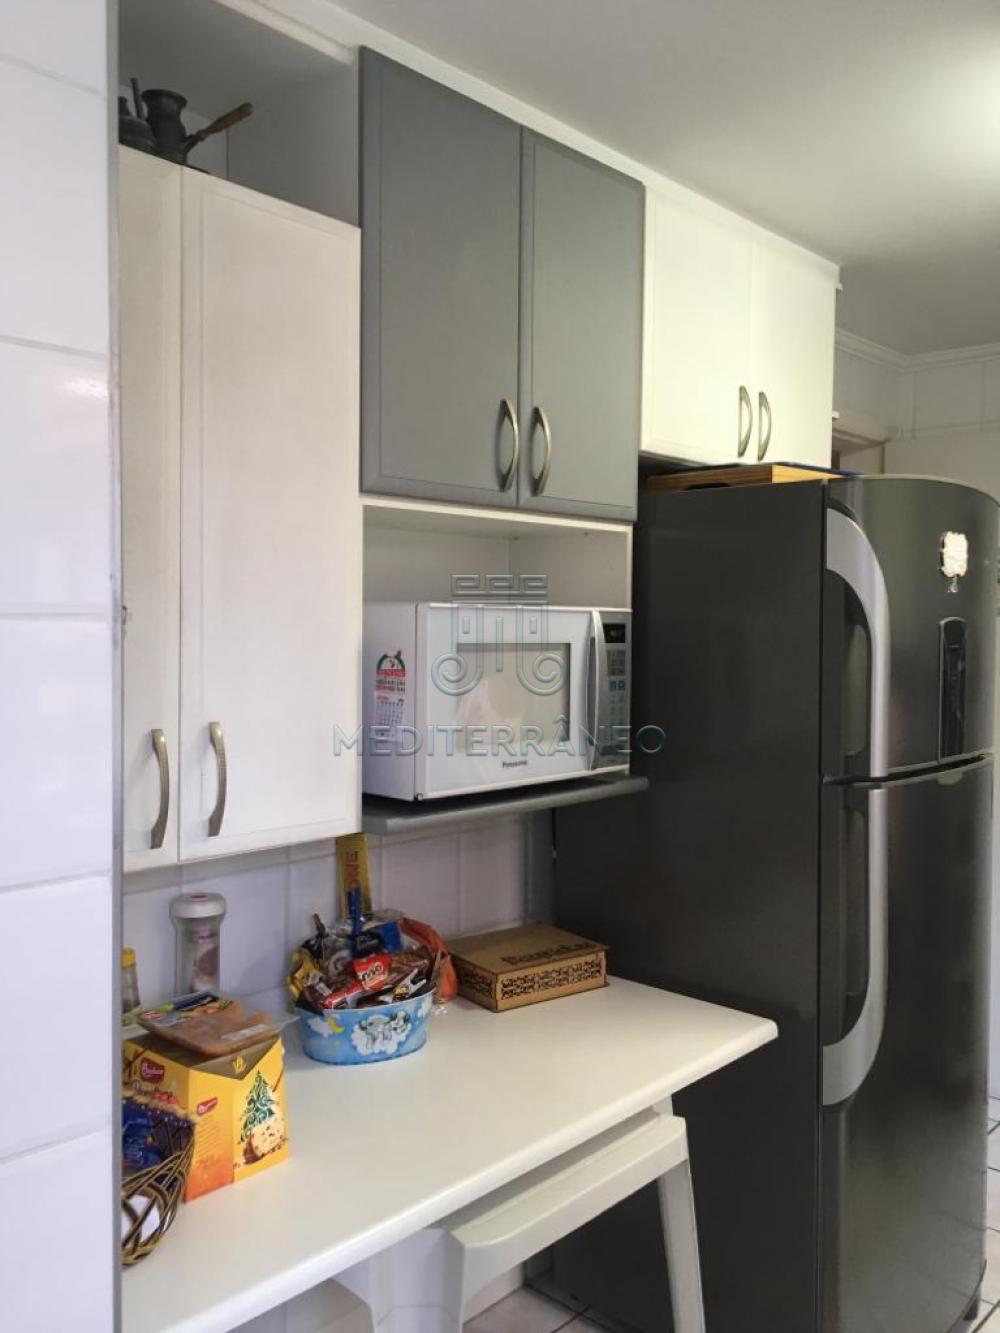 Comprar Casa / Condomínio em Jundiaí apenas R$ 740.000,00 - Foto 9